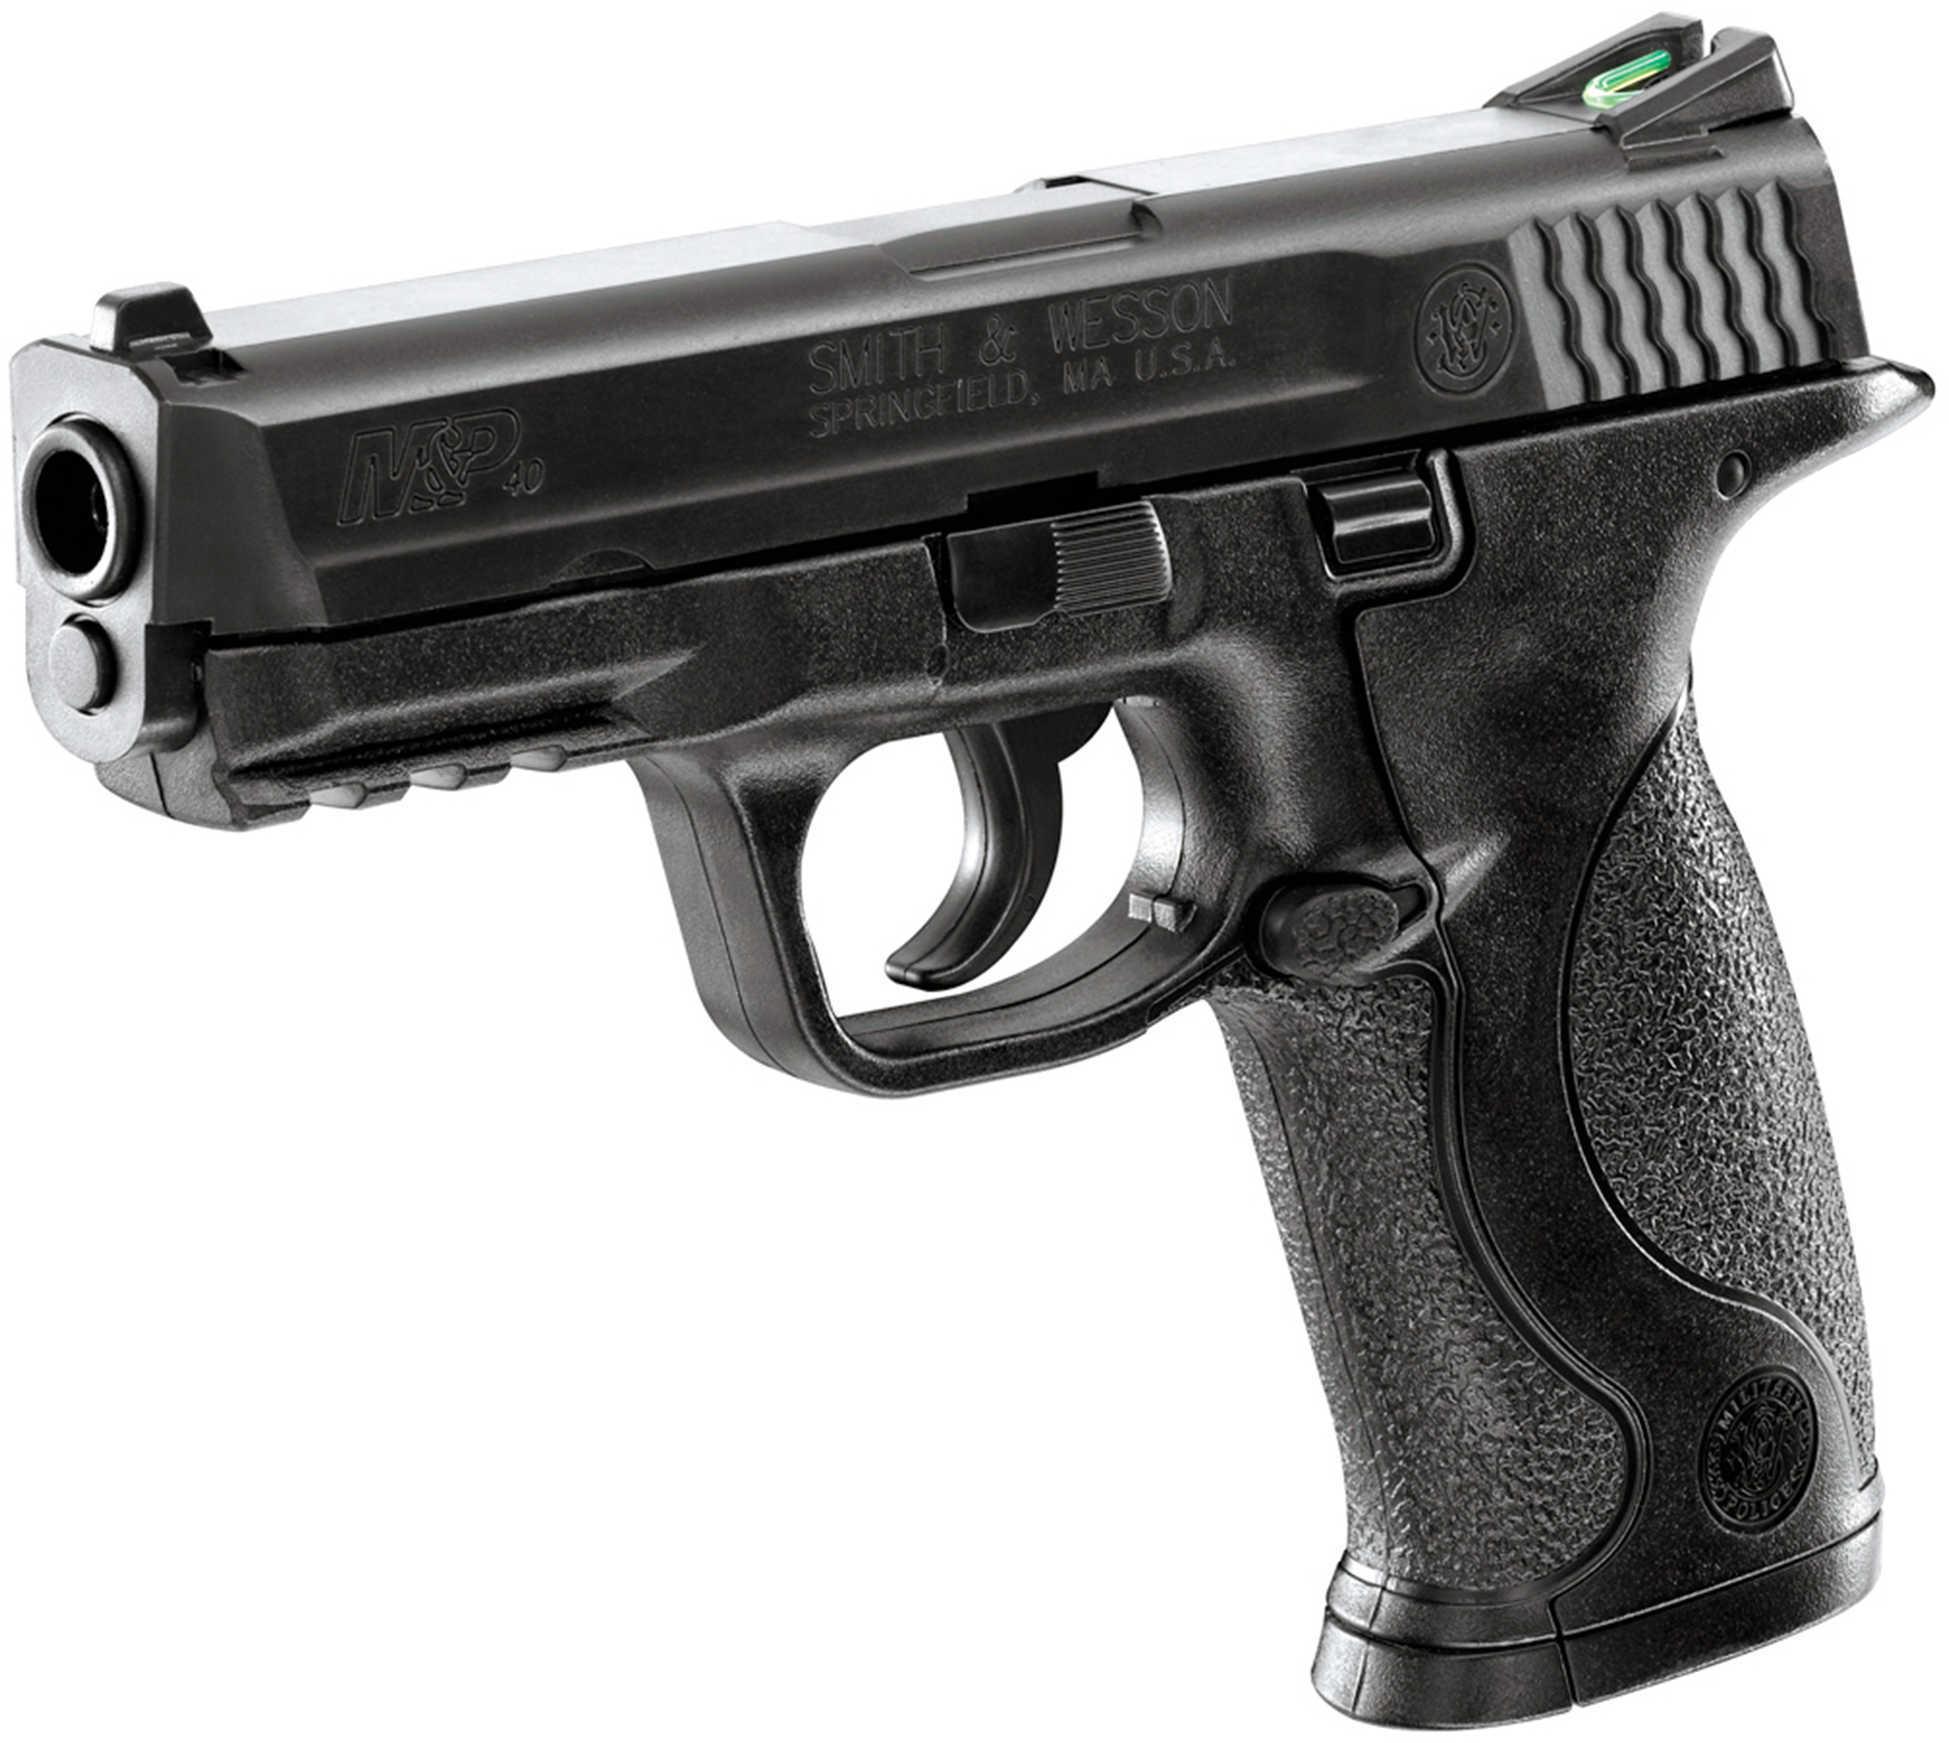 Umarex Smith & Wesson M&P BB Pistol Black Finish Semi-Auto Co2 Md: 2255050